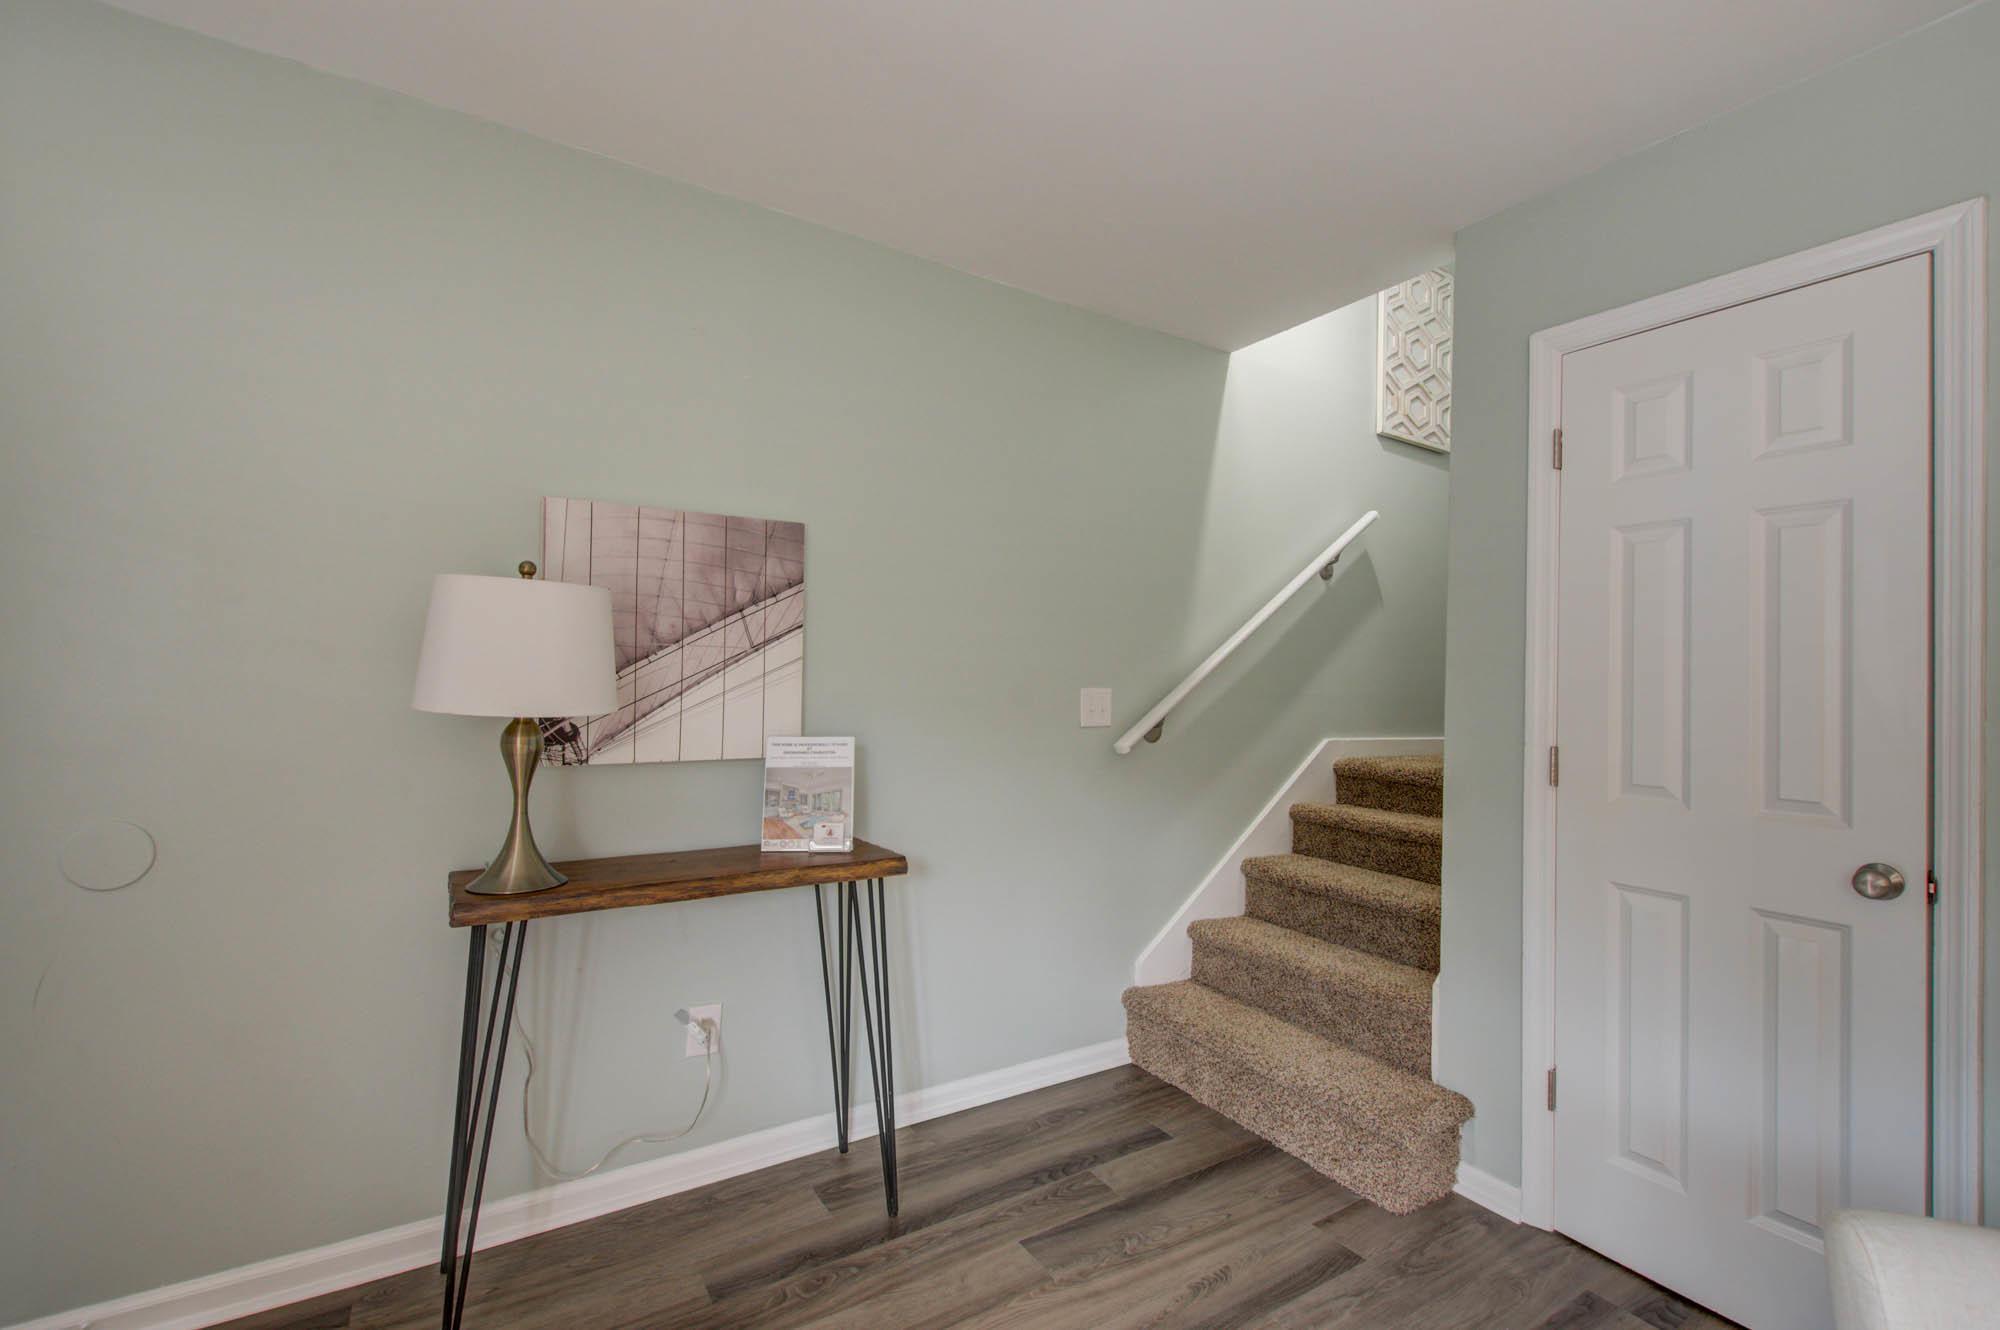 Wando East Homes For Sale - 1526 Nantahala, Mount Pleasant, SC - 15